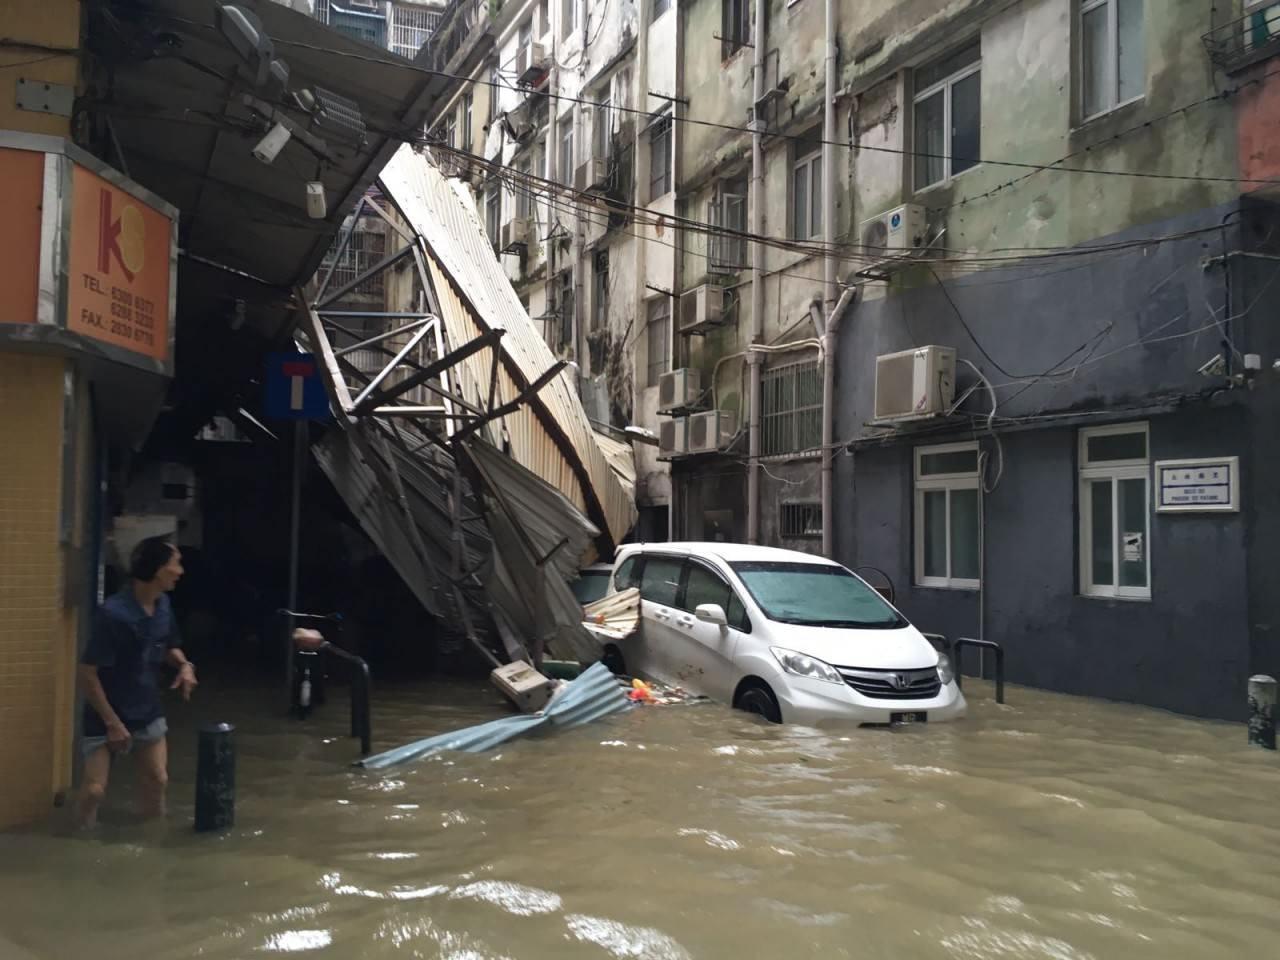 澳門街道一片混亂(香港01駐澳門特約記者攝)